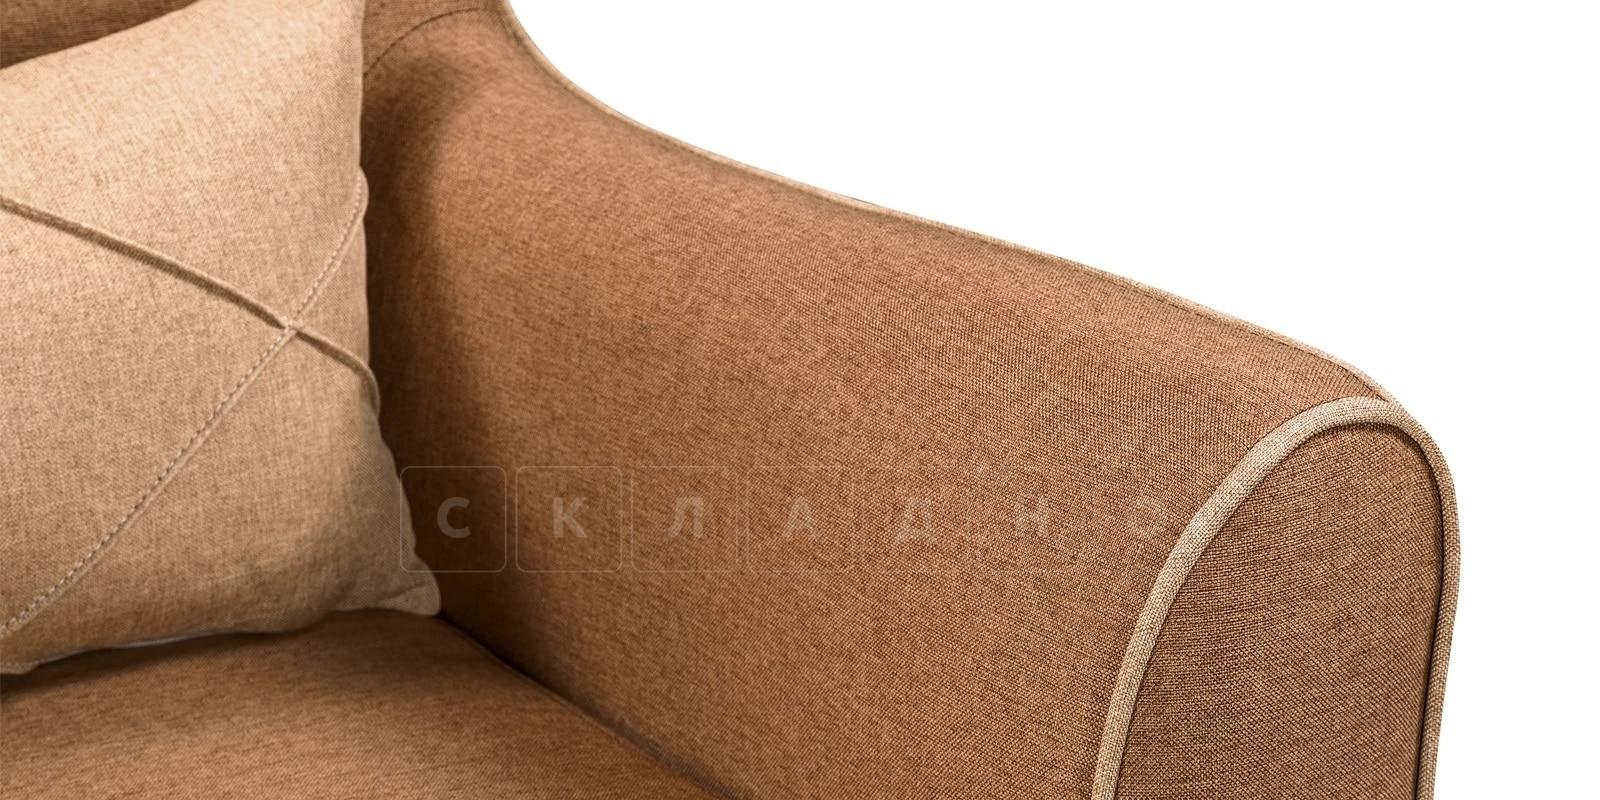 Кресло Флэтфорд рогожка коричневая с бежевым кантом фото 7 | интернет-магазин Складно